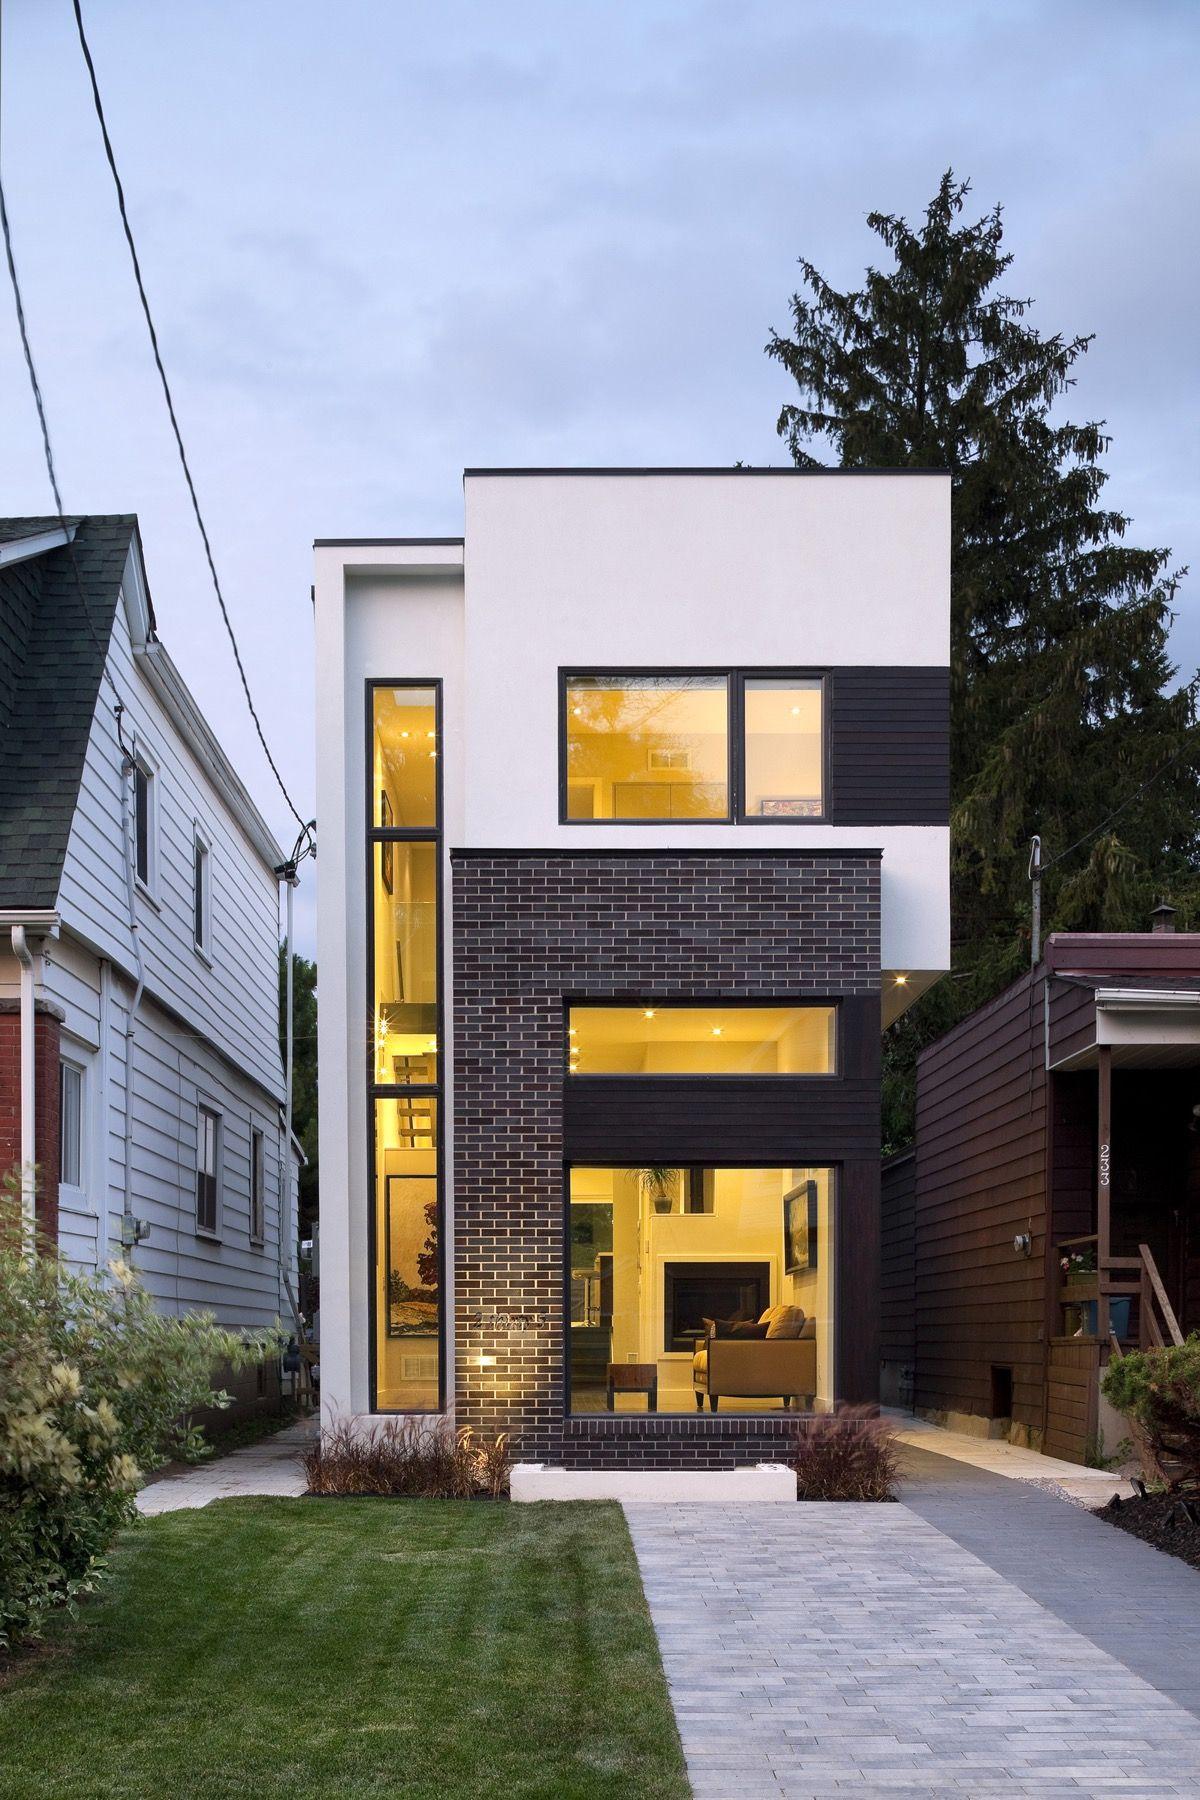 50 schmale los h user die ein d nnes u eres in etwas spezielles umwandeln house ideas. Black Bedroom Furniture Sets. Home Design Ideas